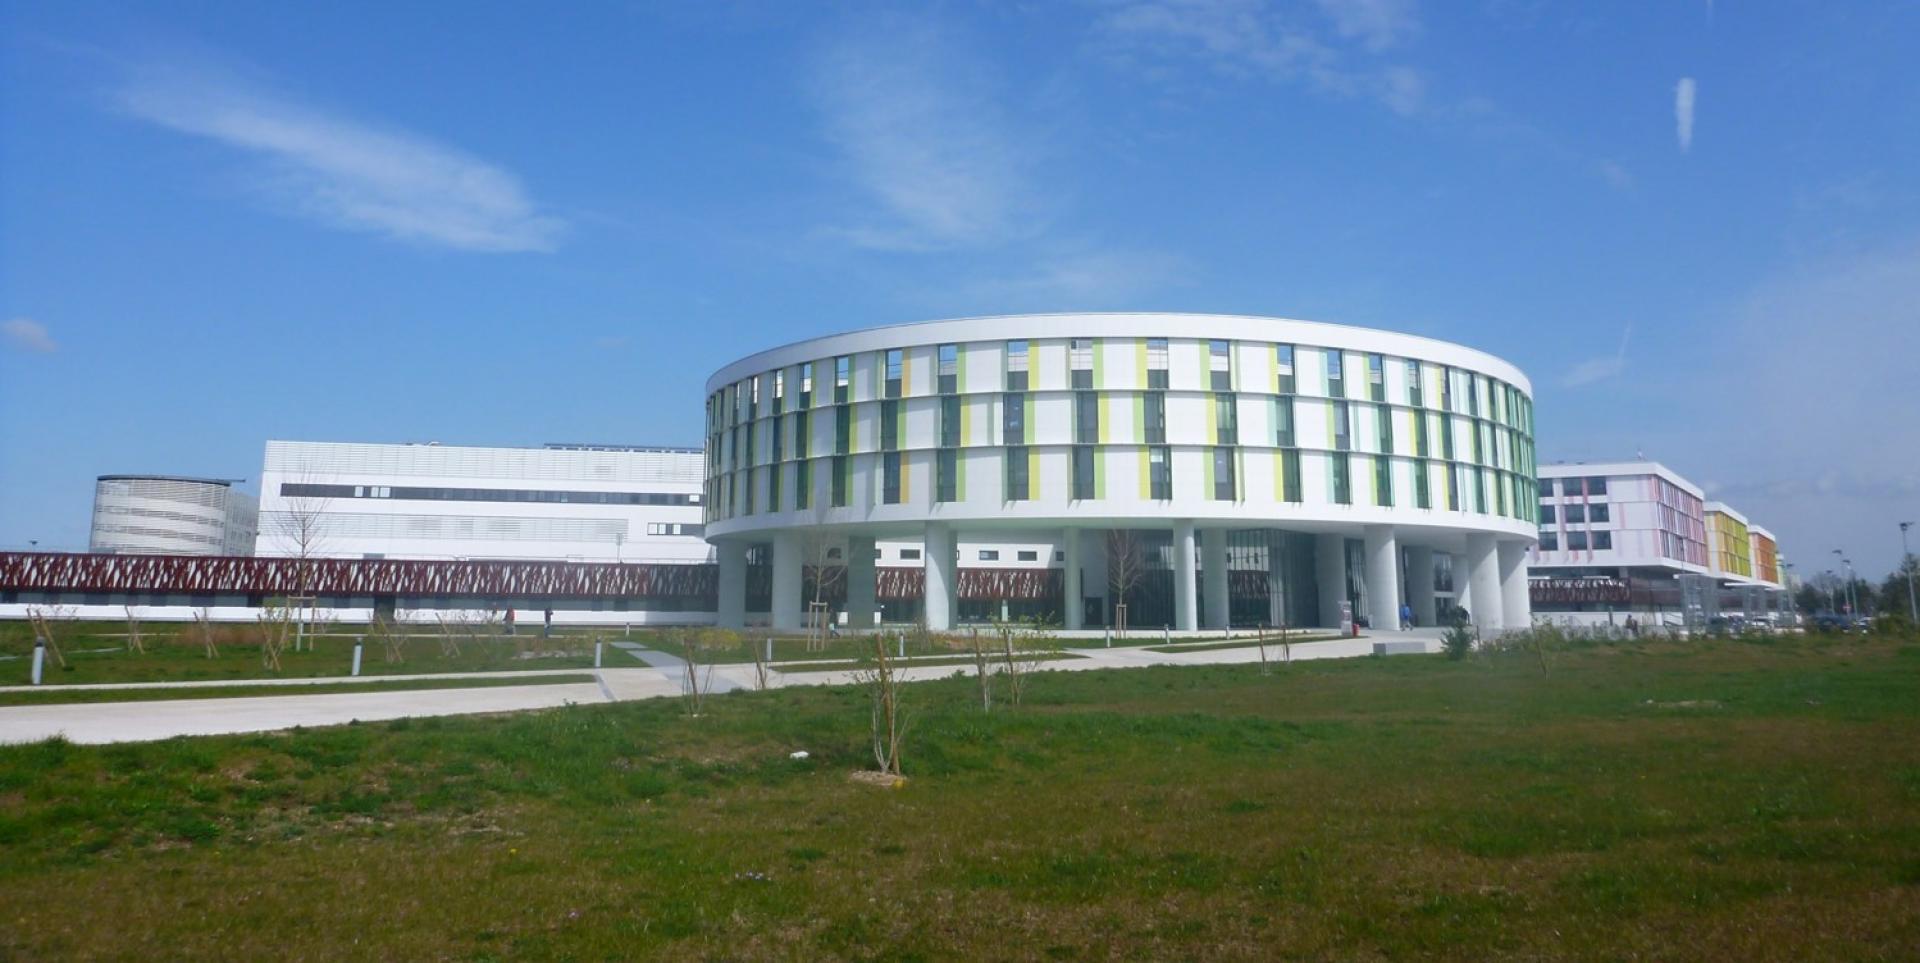 Centre Hospitalier Régional D'orléans